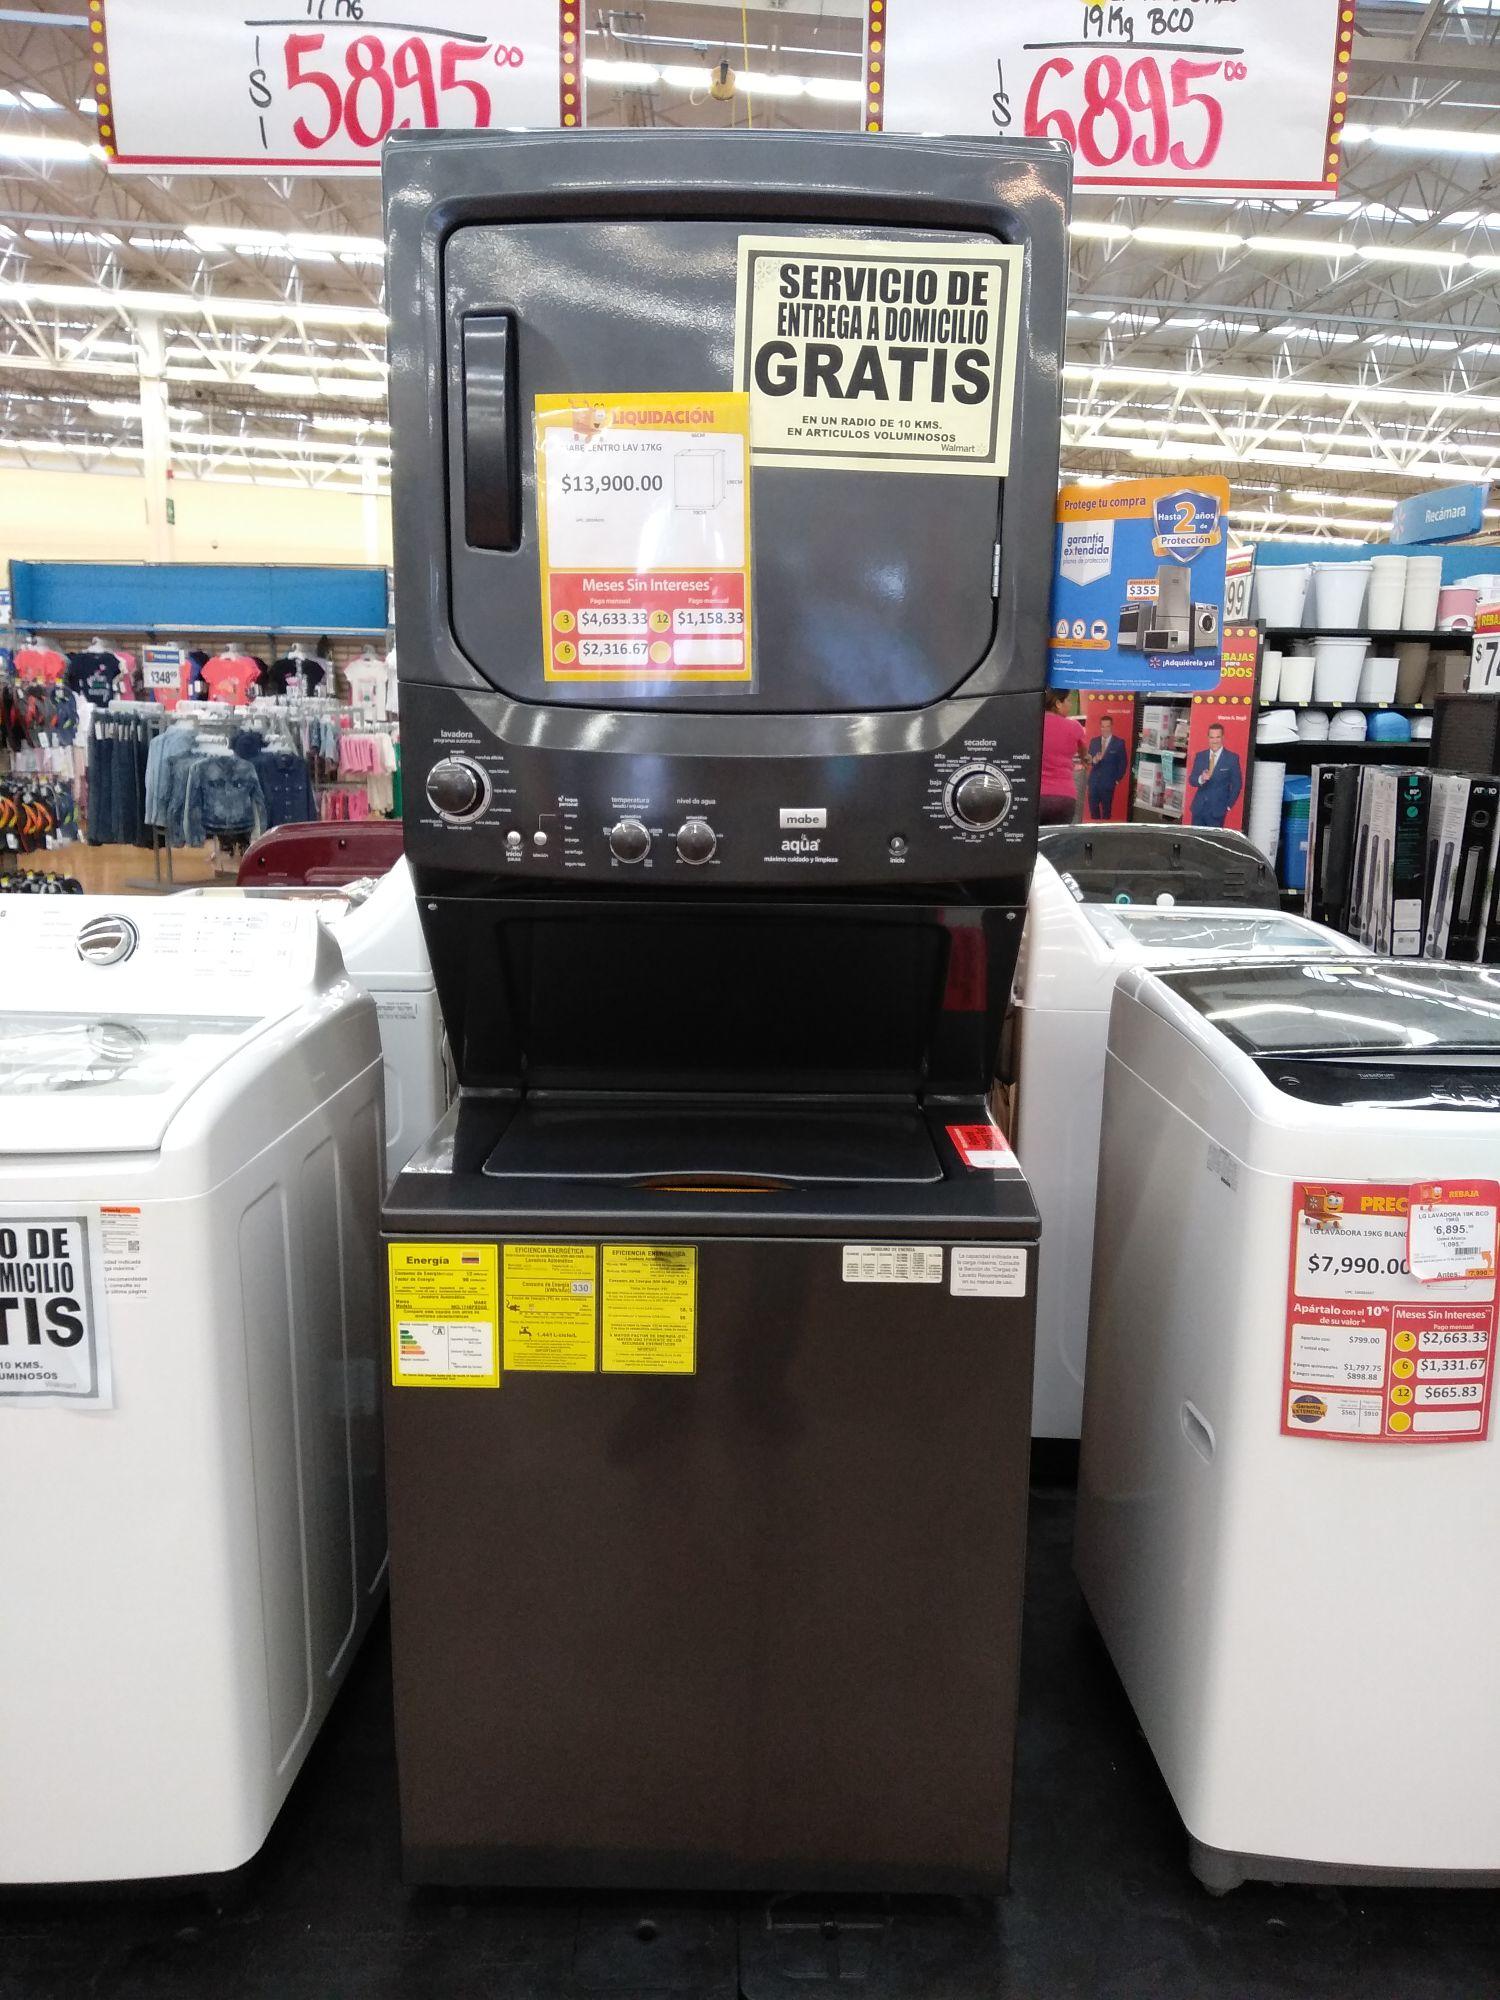 Walmart Chapultepec Monterrey: MABE Centro de lavado 17kg